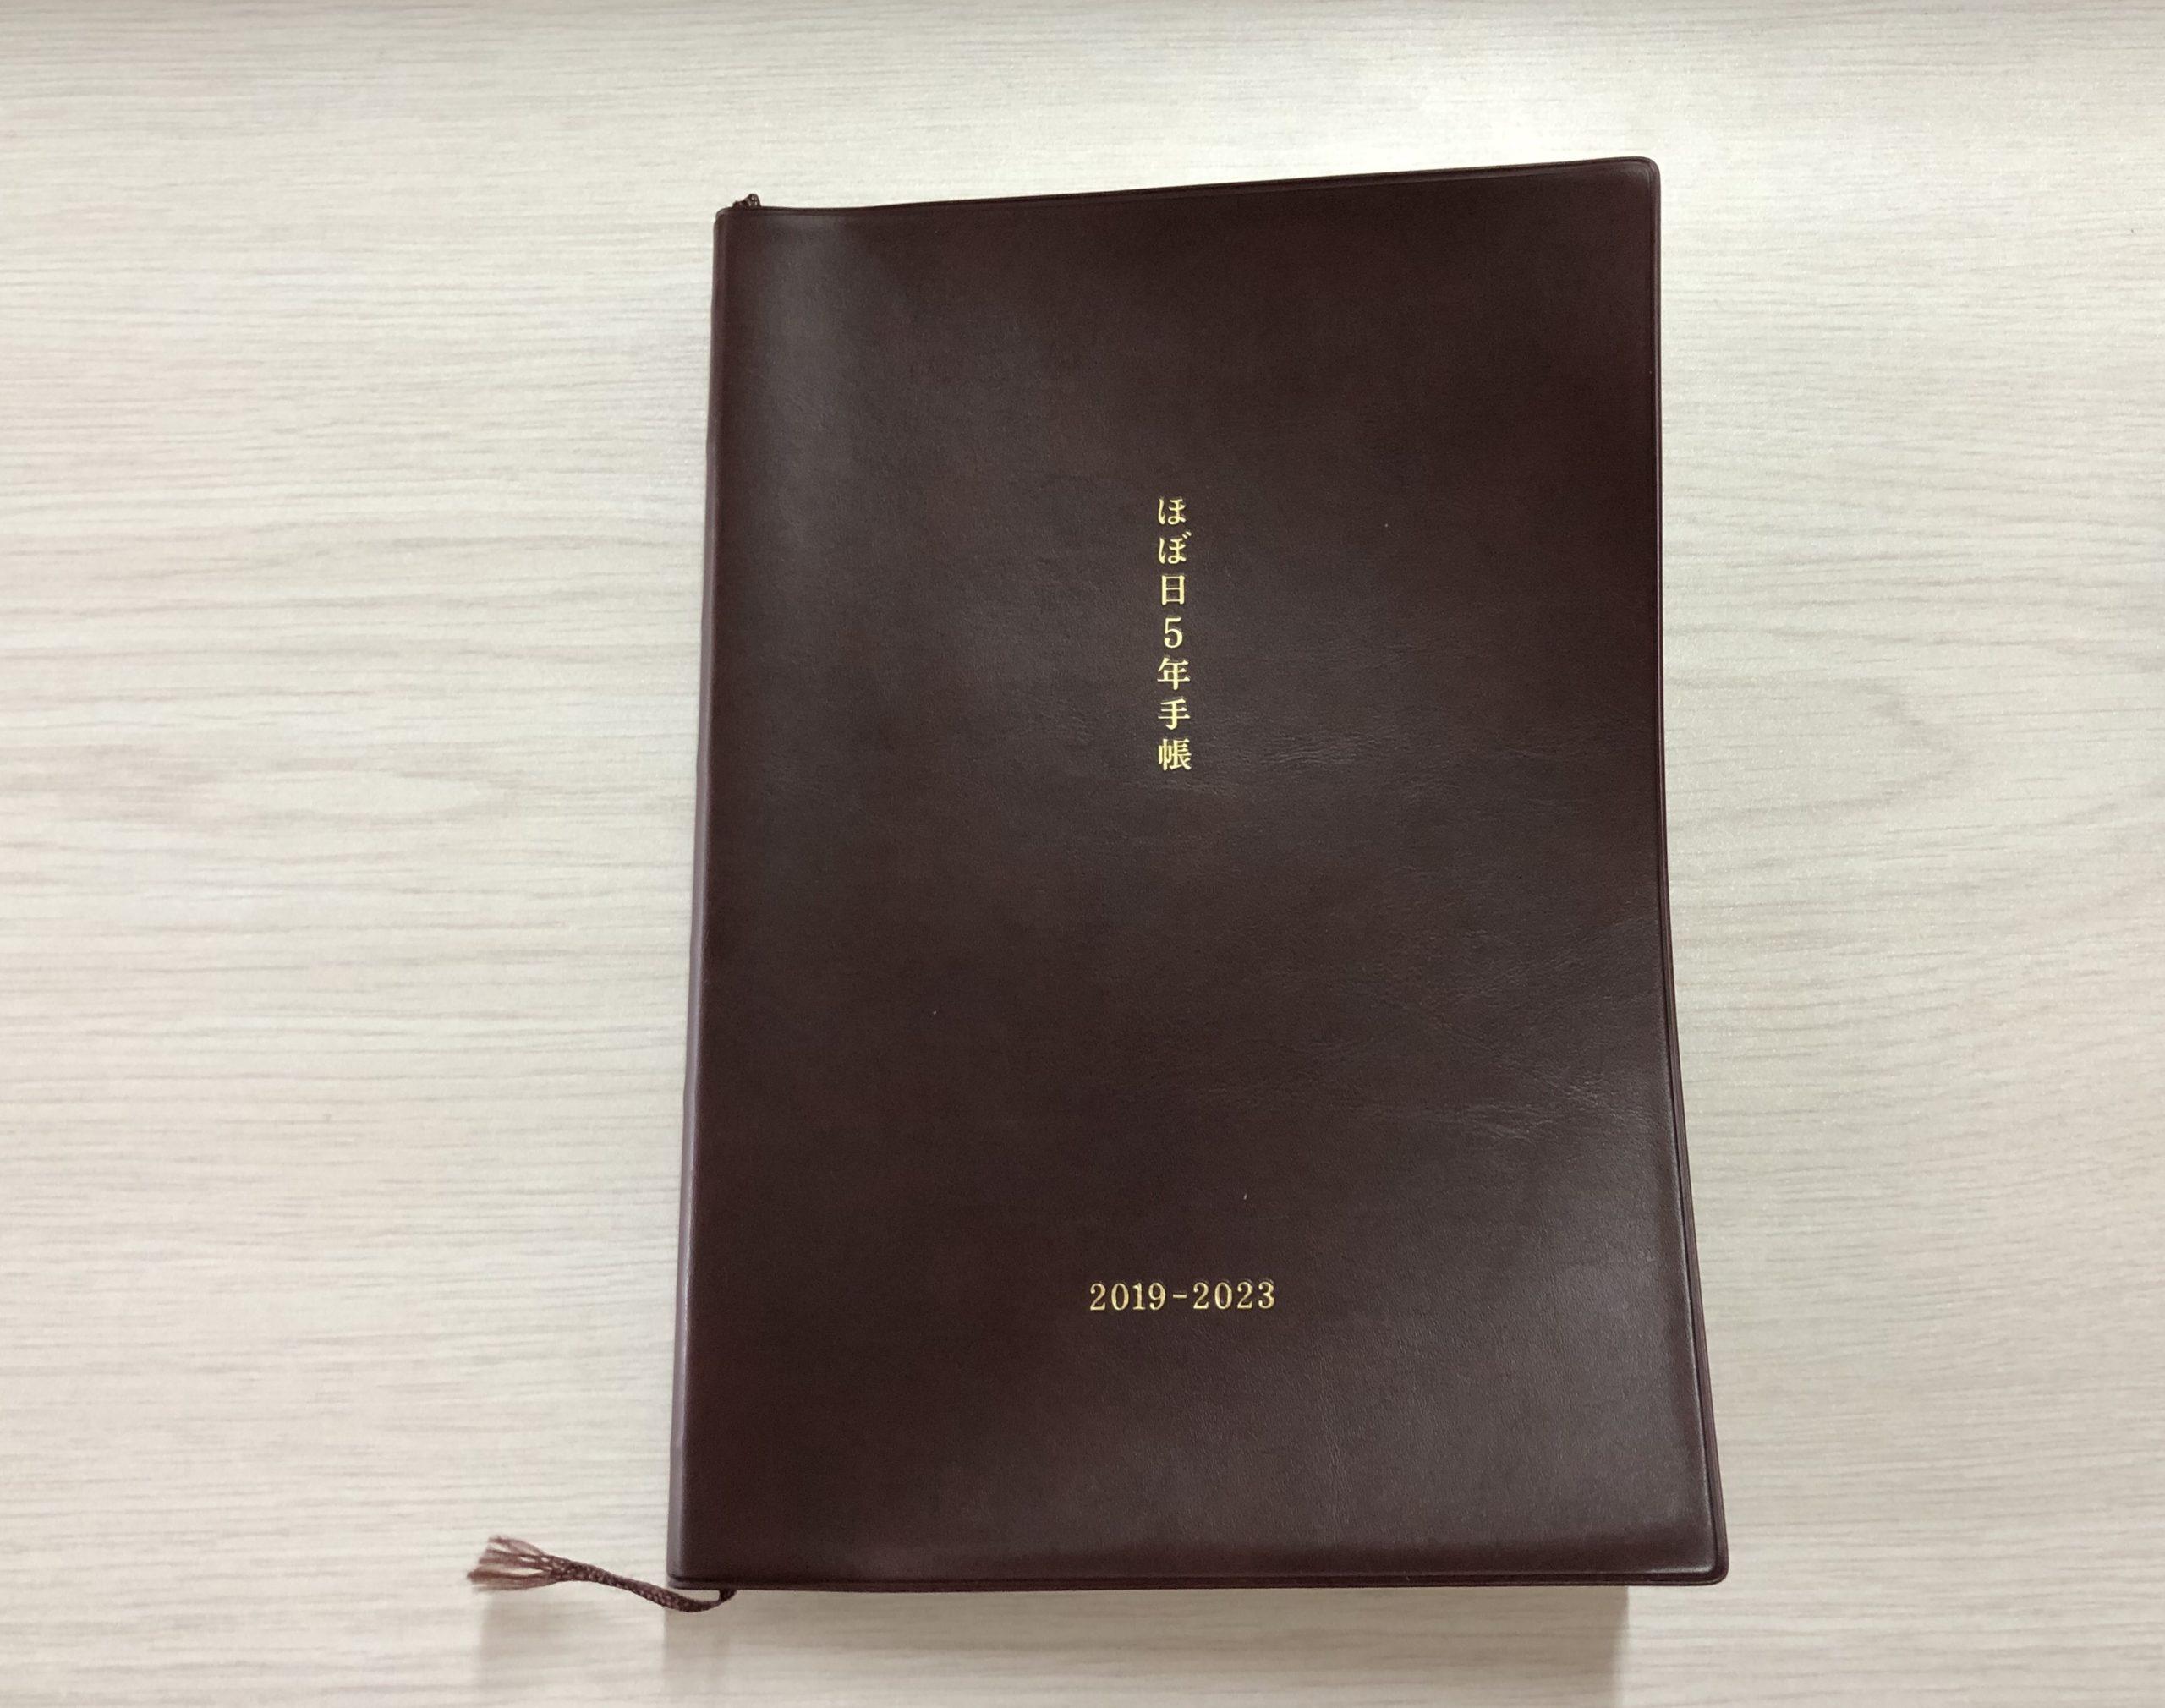 おおきいほぼ日5年手帳